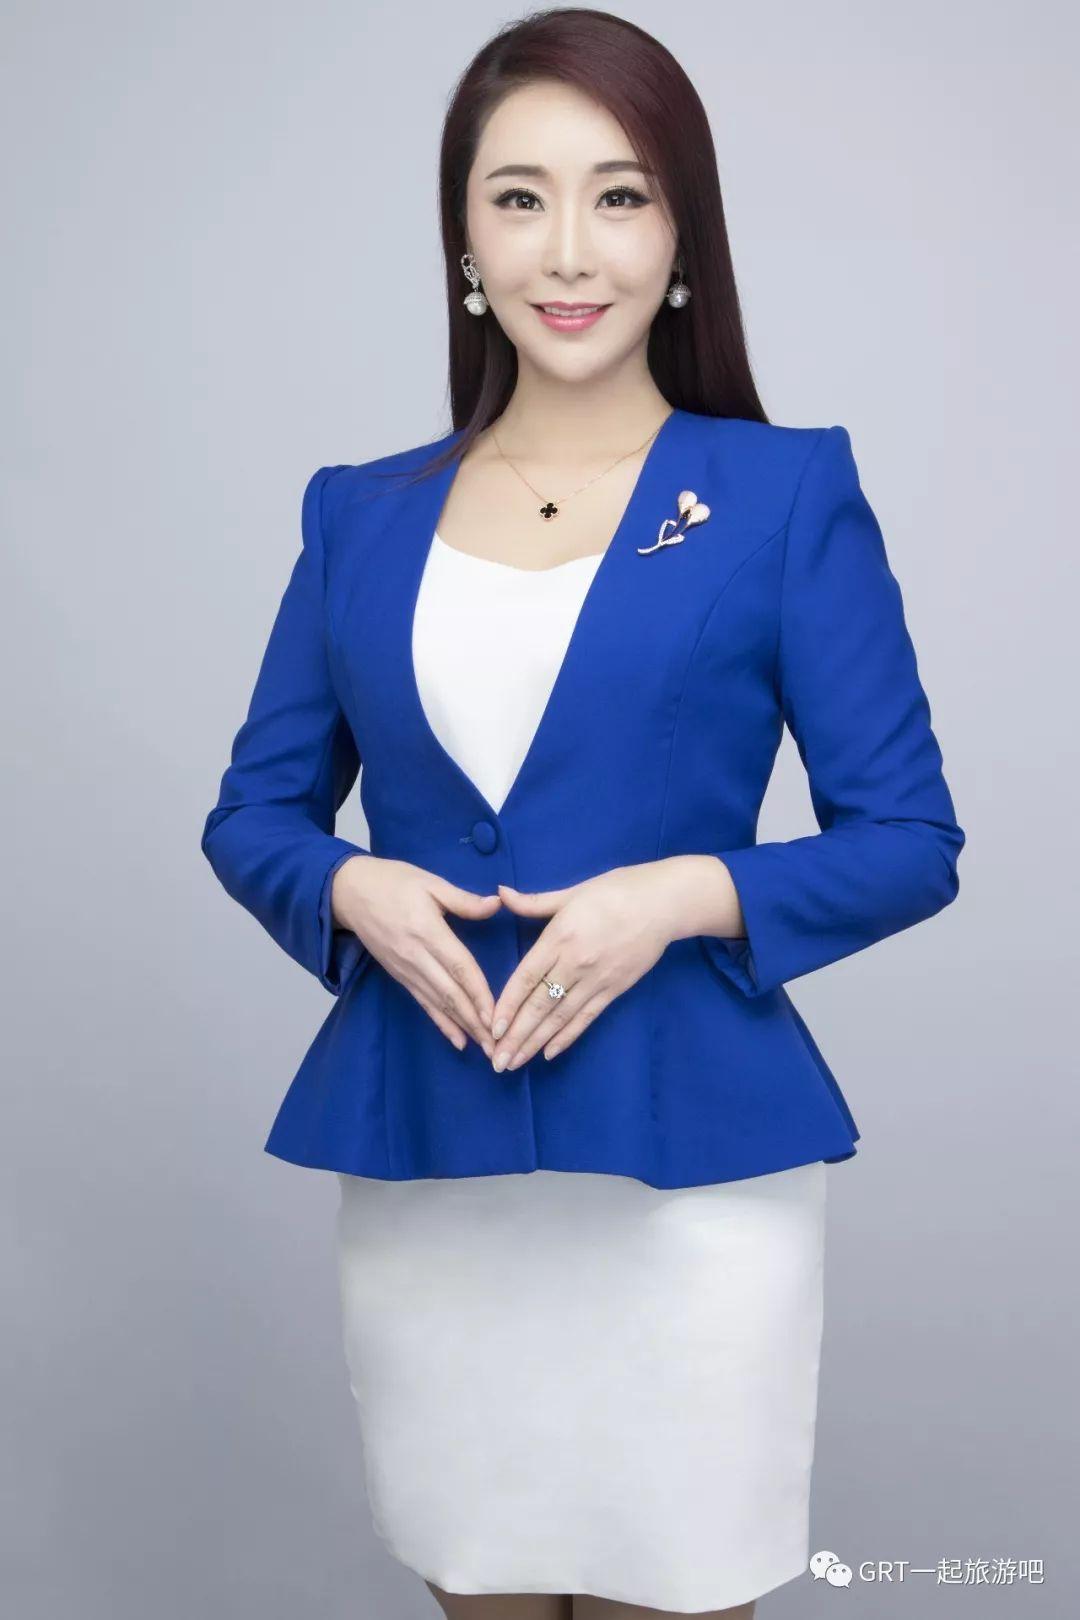 广东广播电视台美女主持人